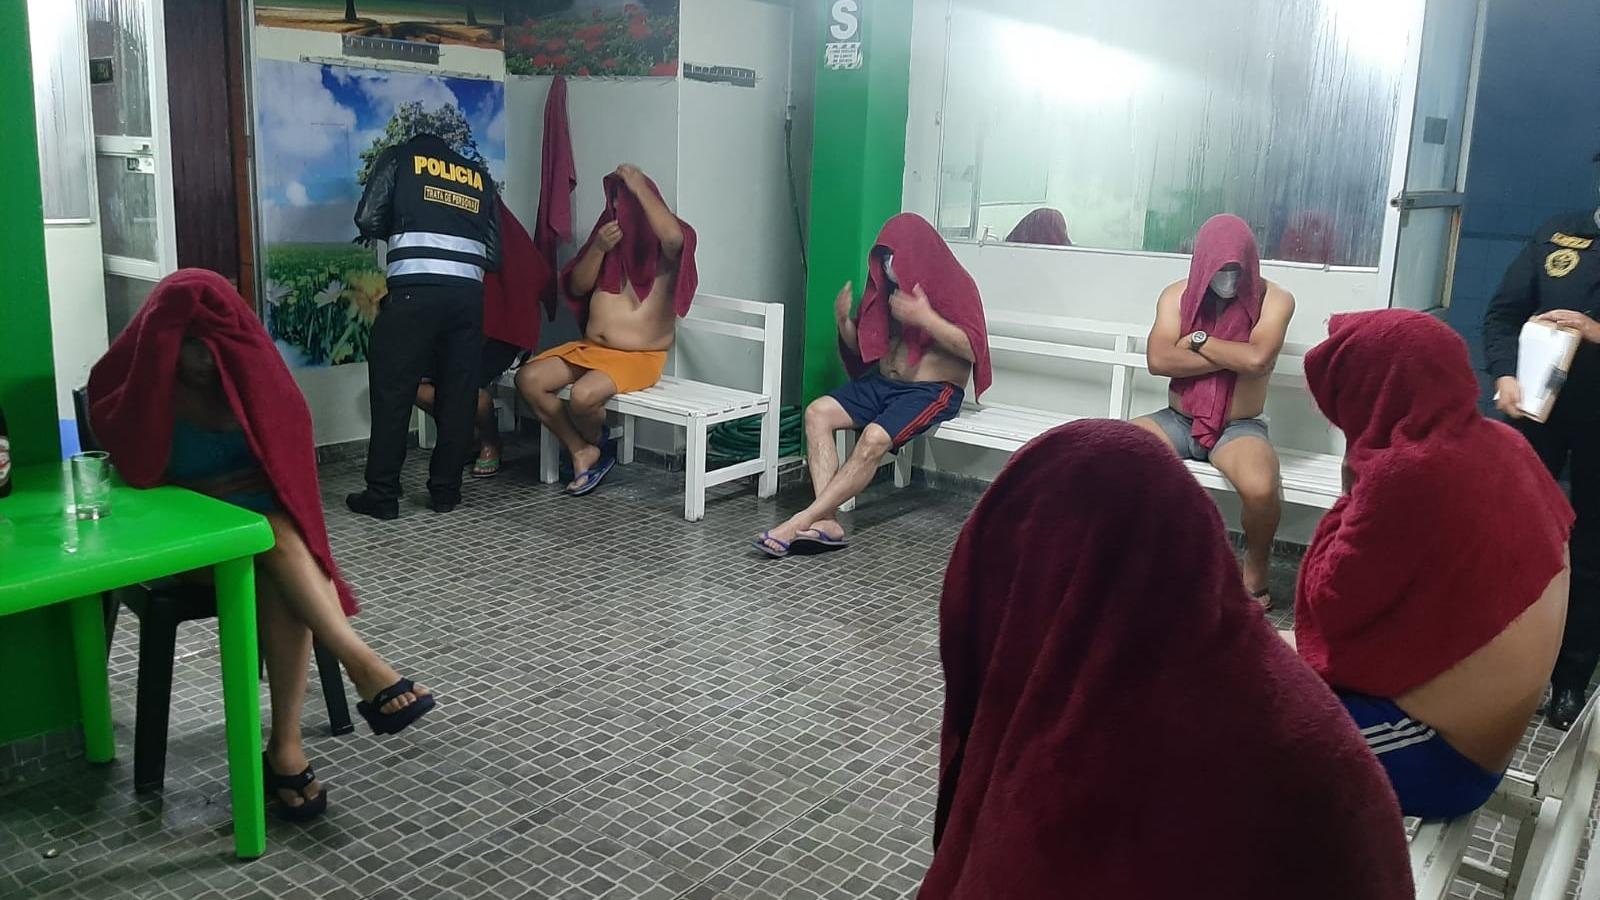 Intervenidos indicaron que llegaron al local para relajarse, aunque uno reconoció que pagó por un servicio sexual.